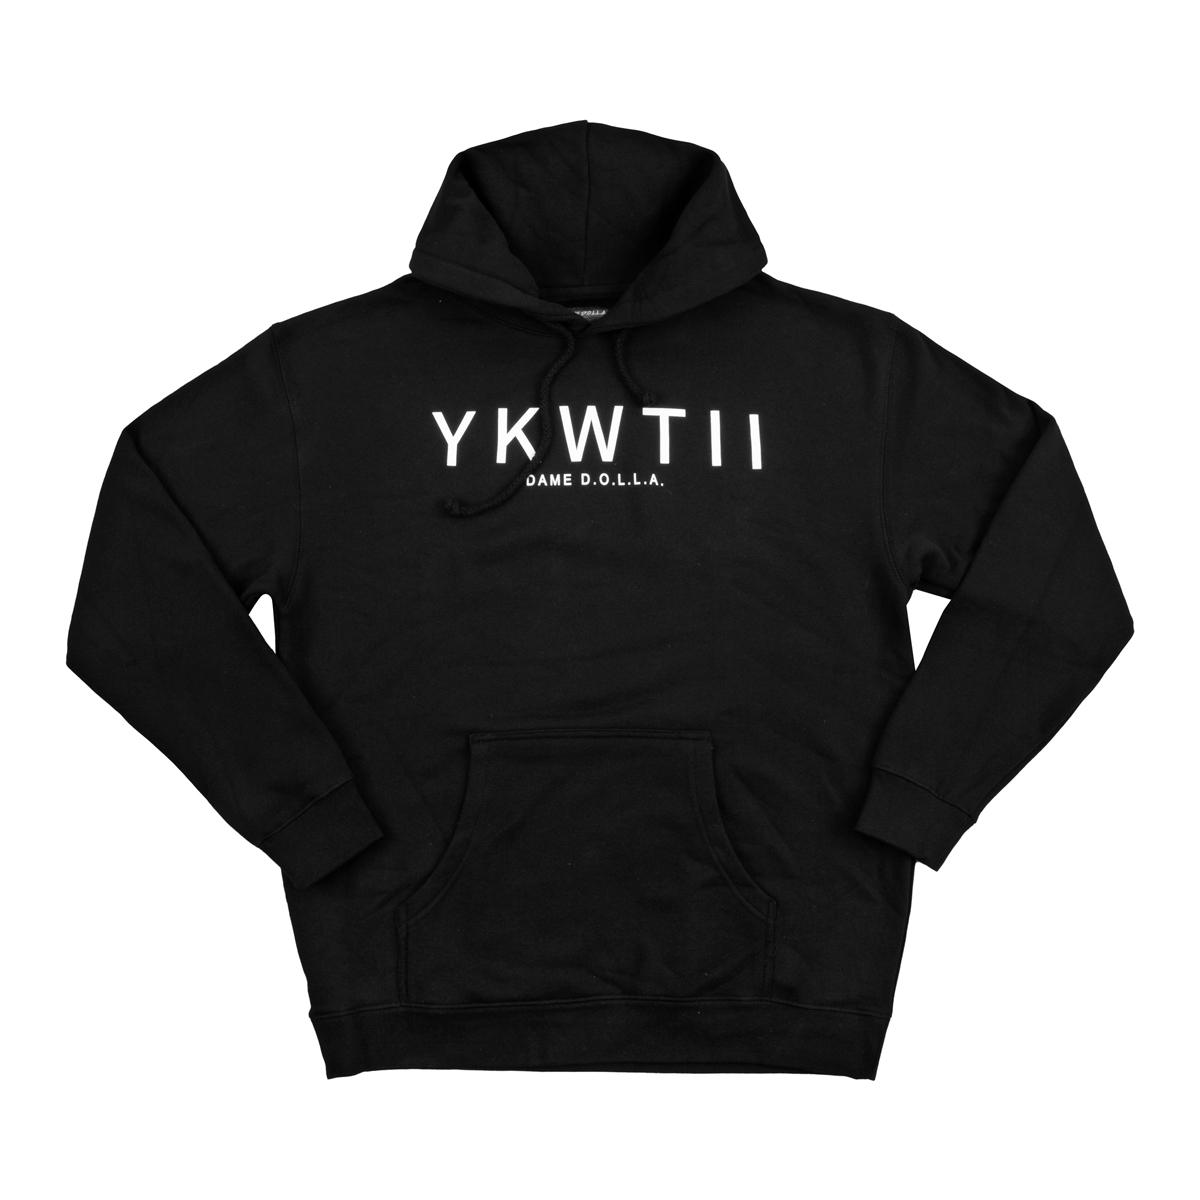 YKWTII Hoodie